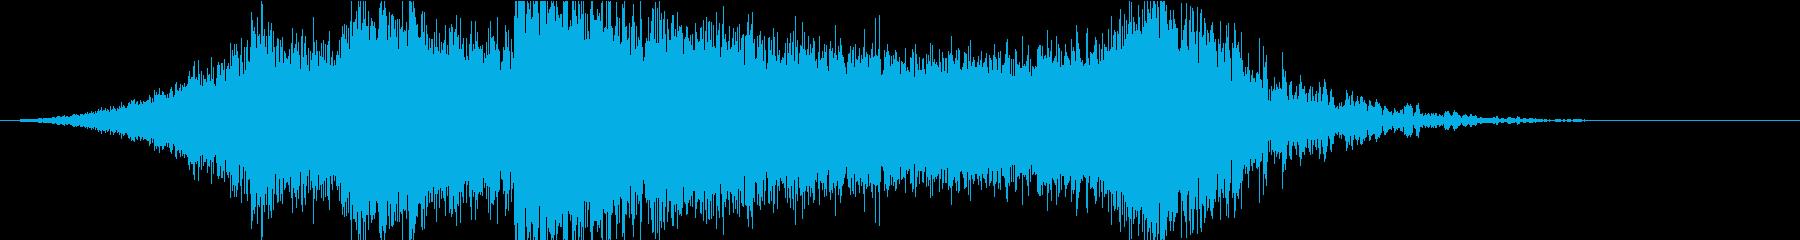 シネマトレーラー1MIDDLE_Sの再生済みの波形